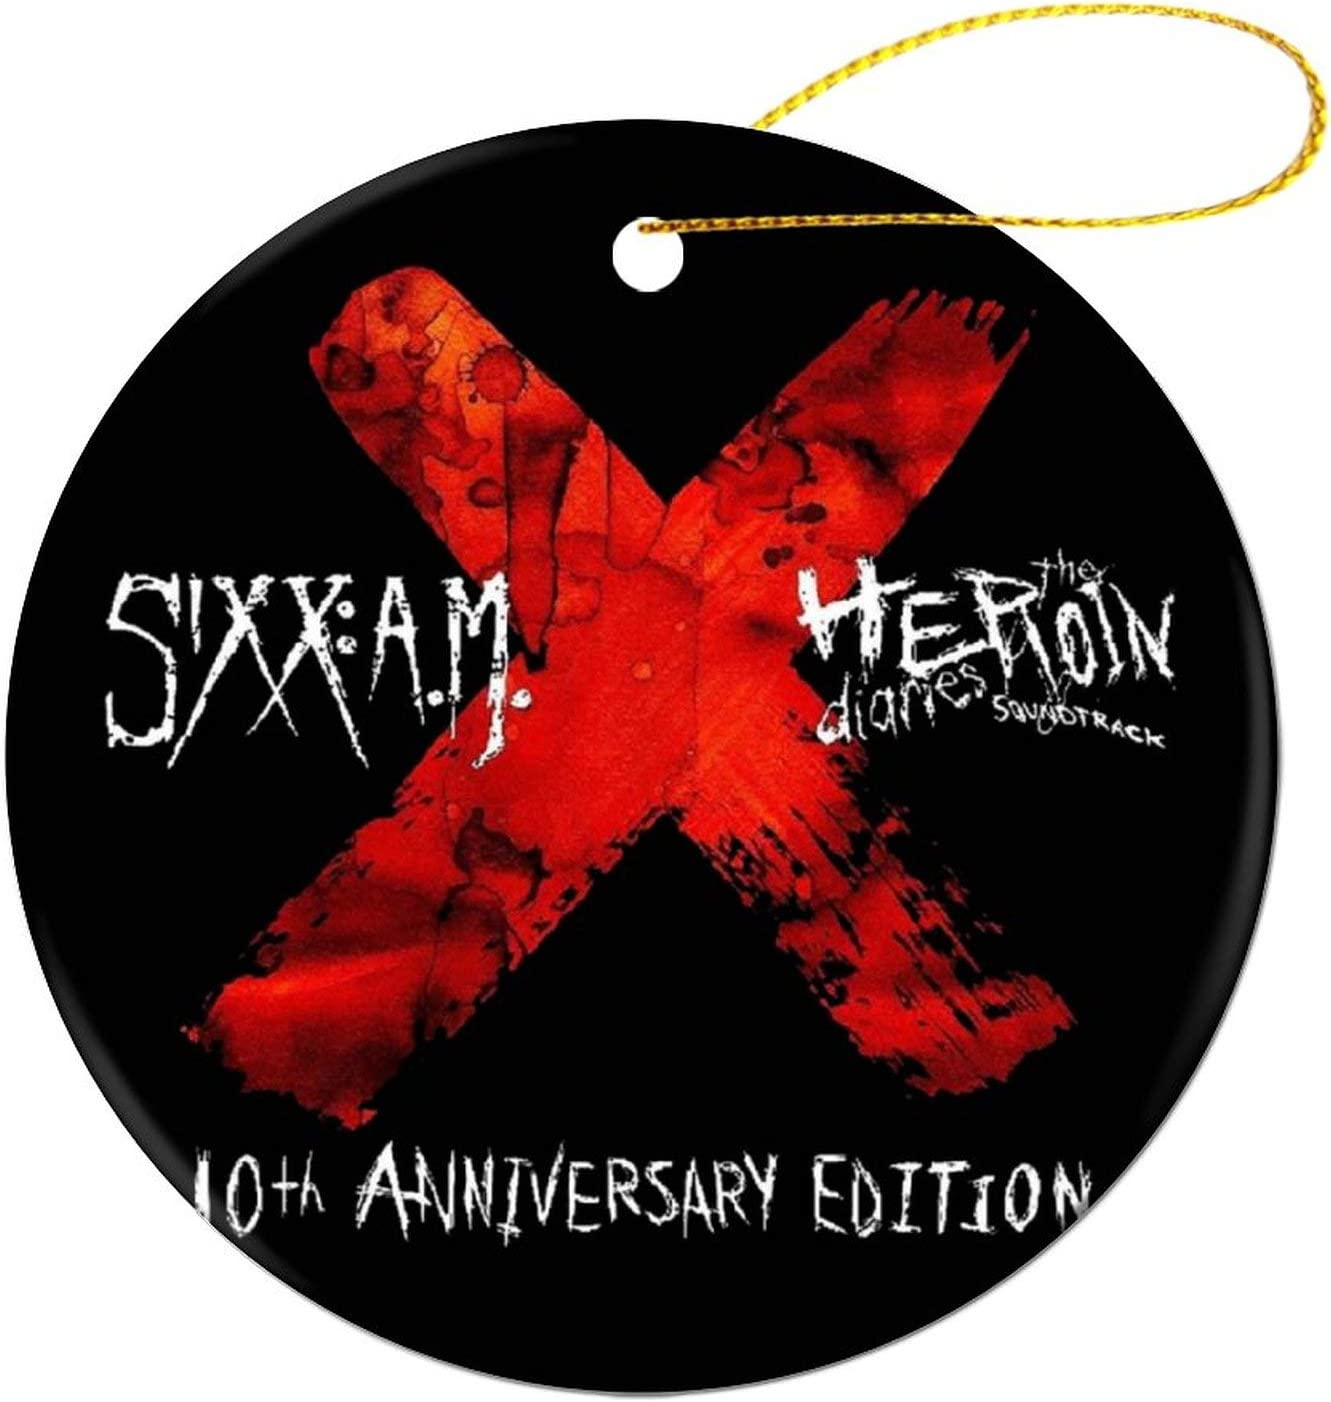 Sixx Am LogoRound Ceramic Ornament Souvenir Artwork 7.27.2cm